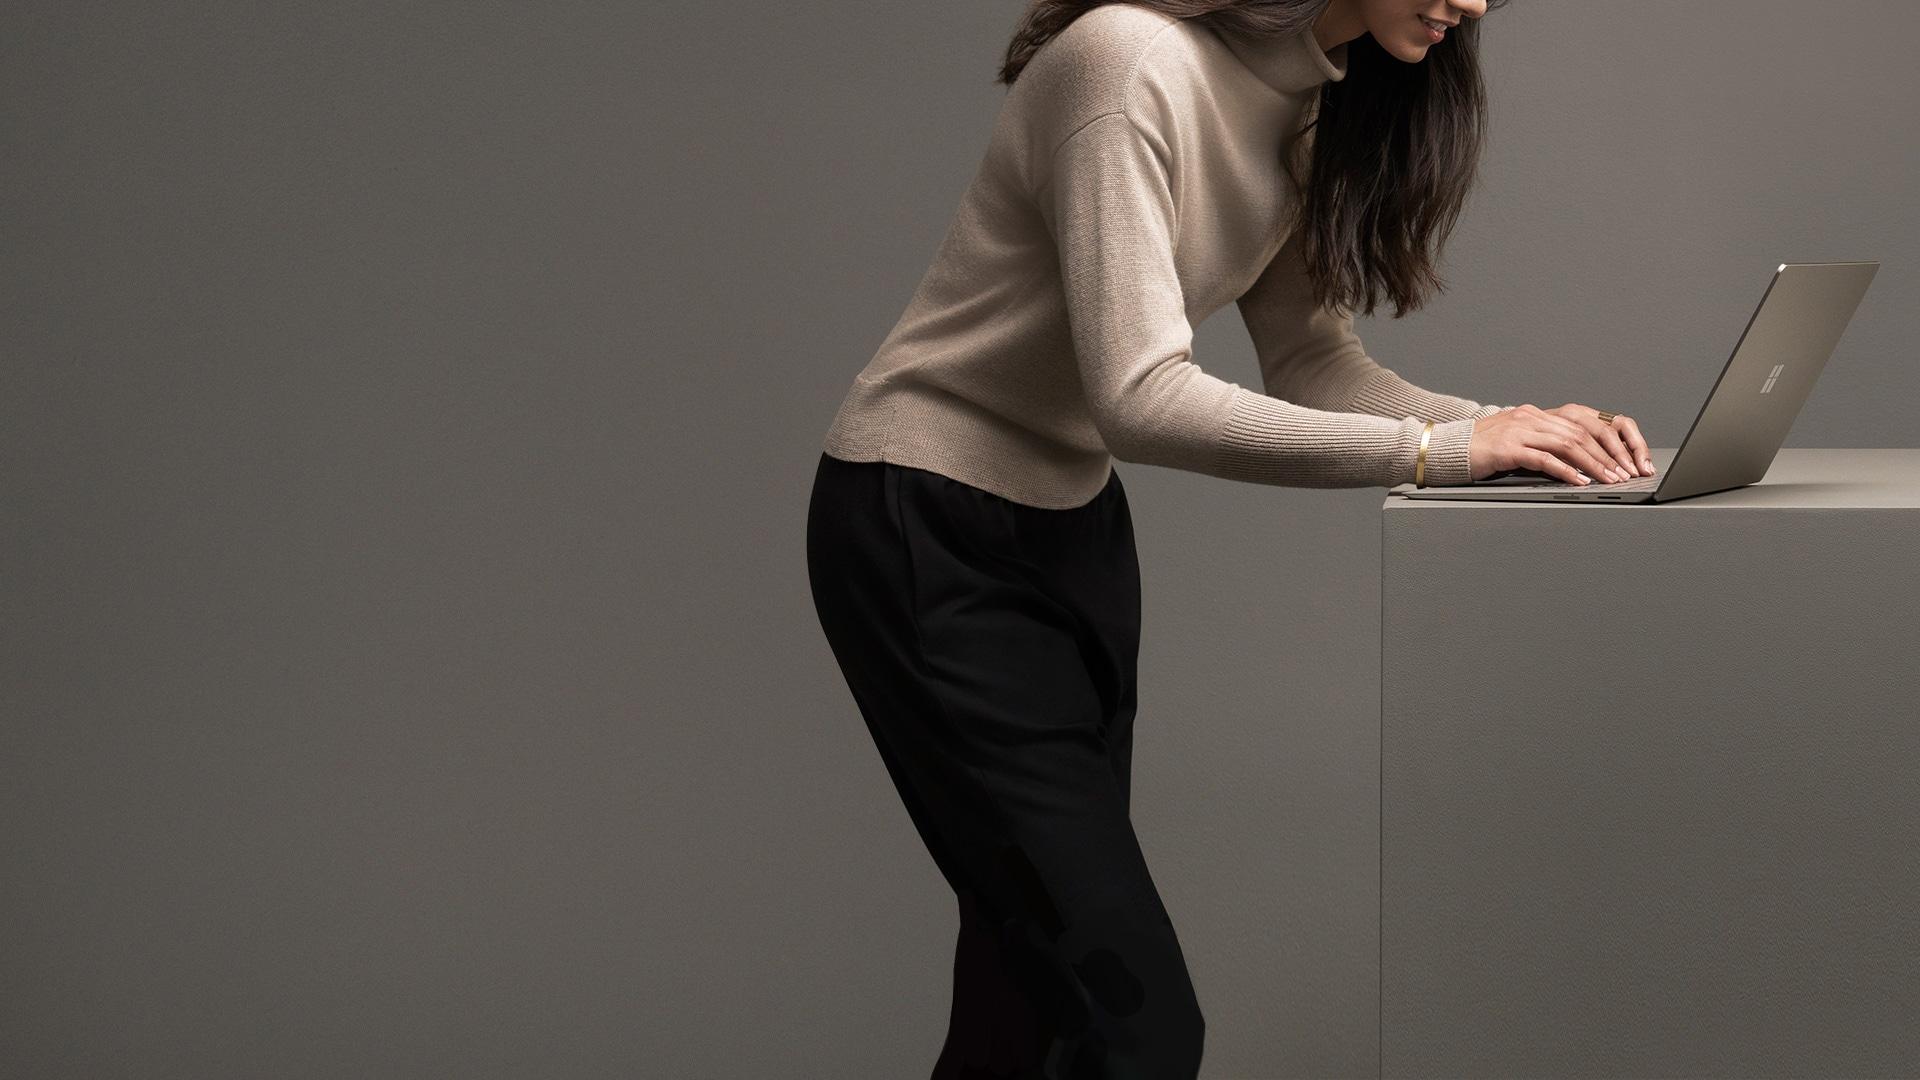 Femme tapant du texte sur Surface Laptop or graphite.